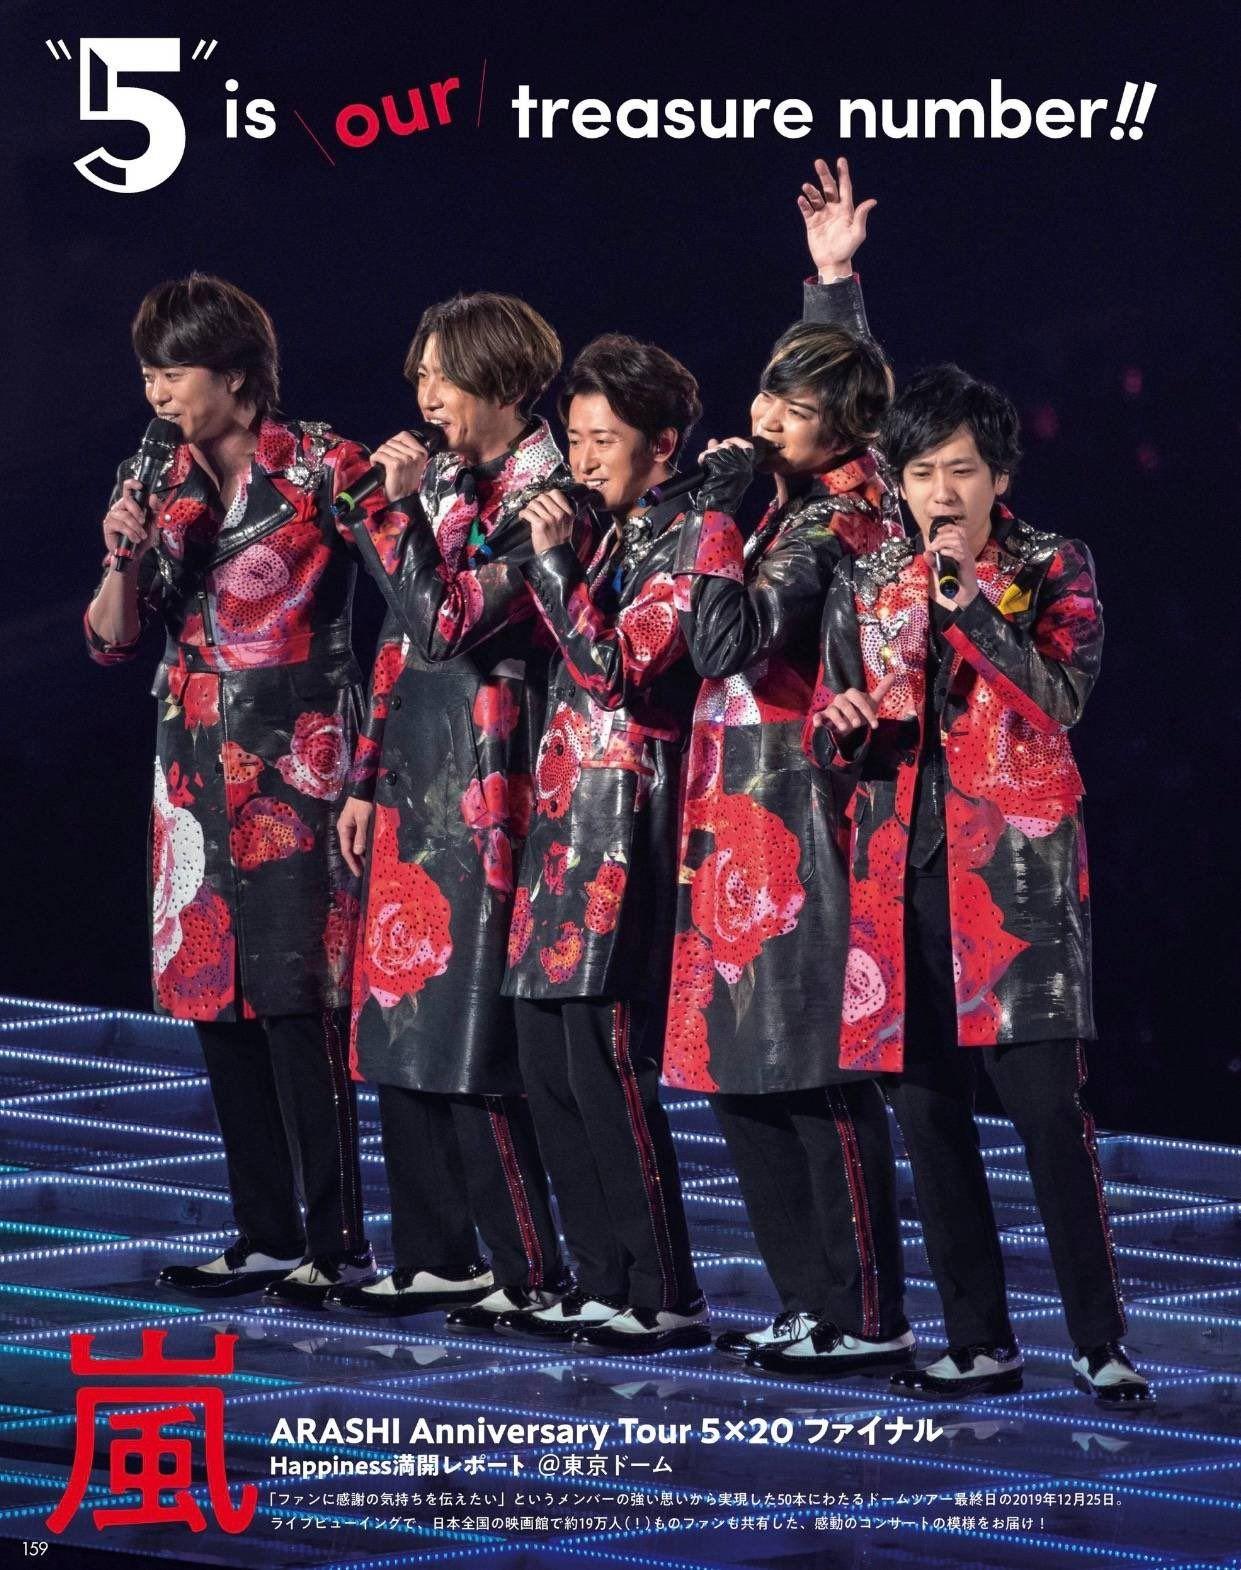 嵐 5 20 ライブ